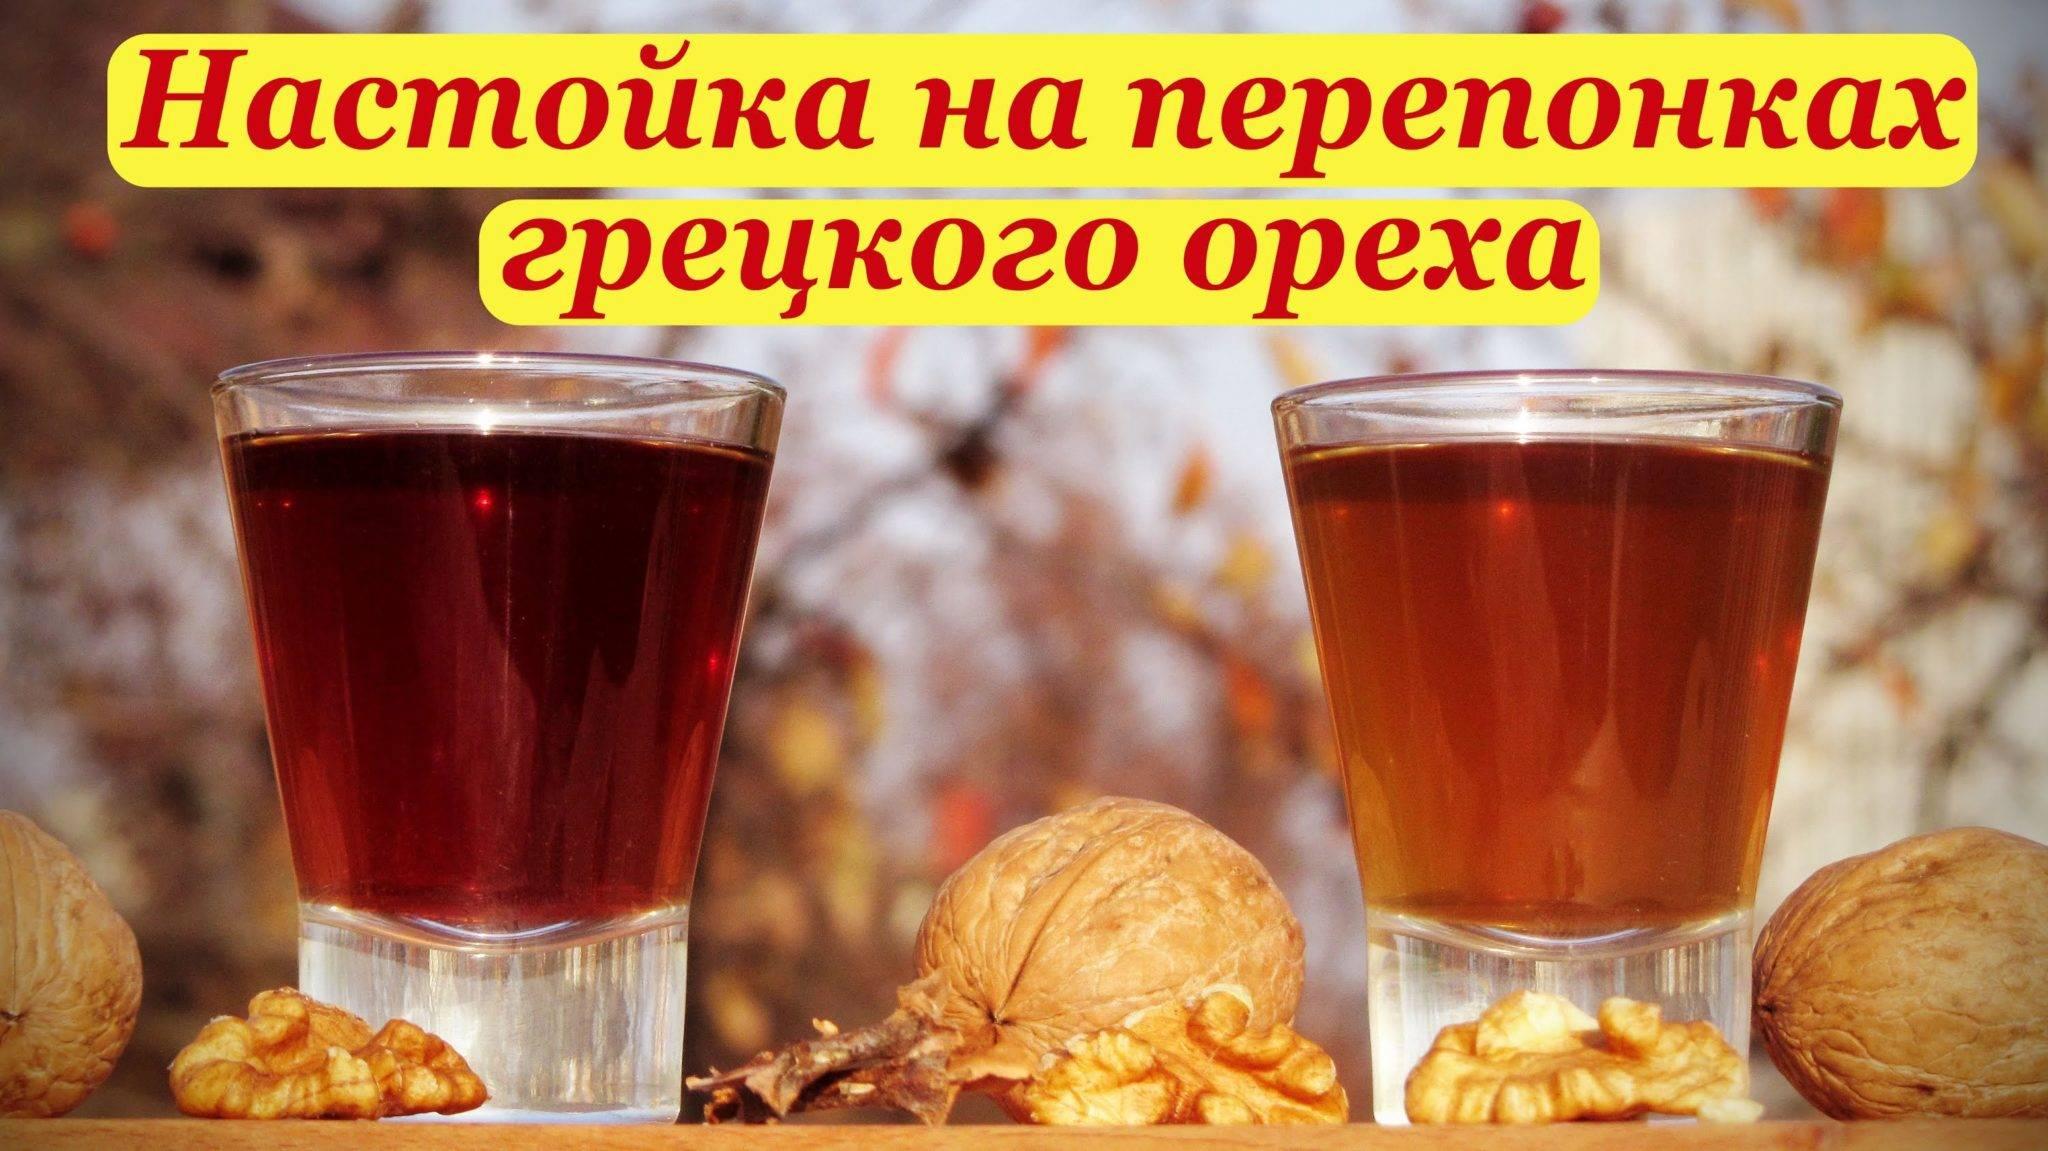 Самогон на грецких орехах в домашних условиях